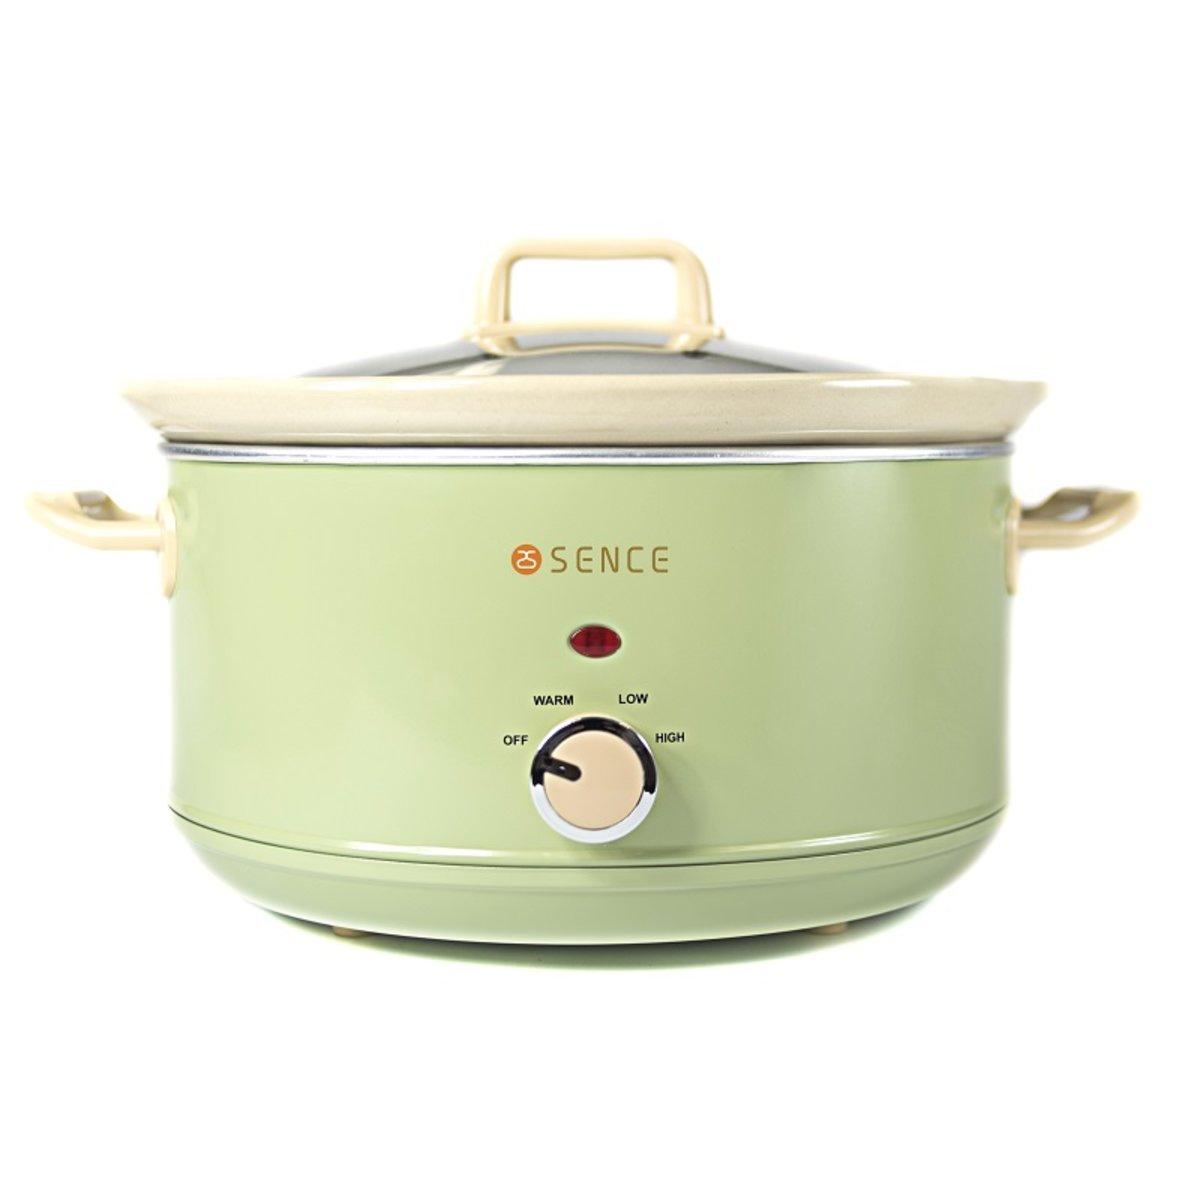 慢燉養生陶瓷鍋(4.5L) 粉綠色 [陳列品]